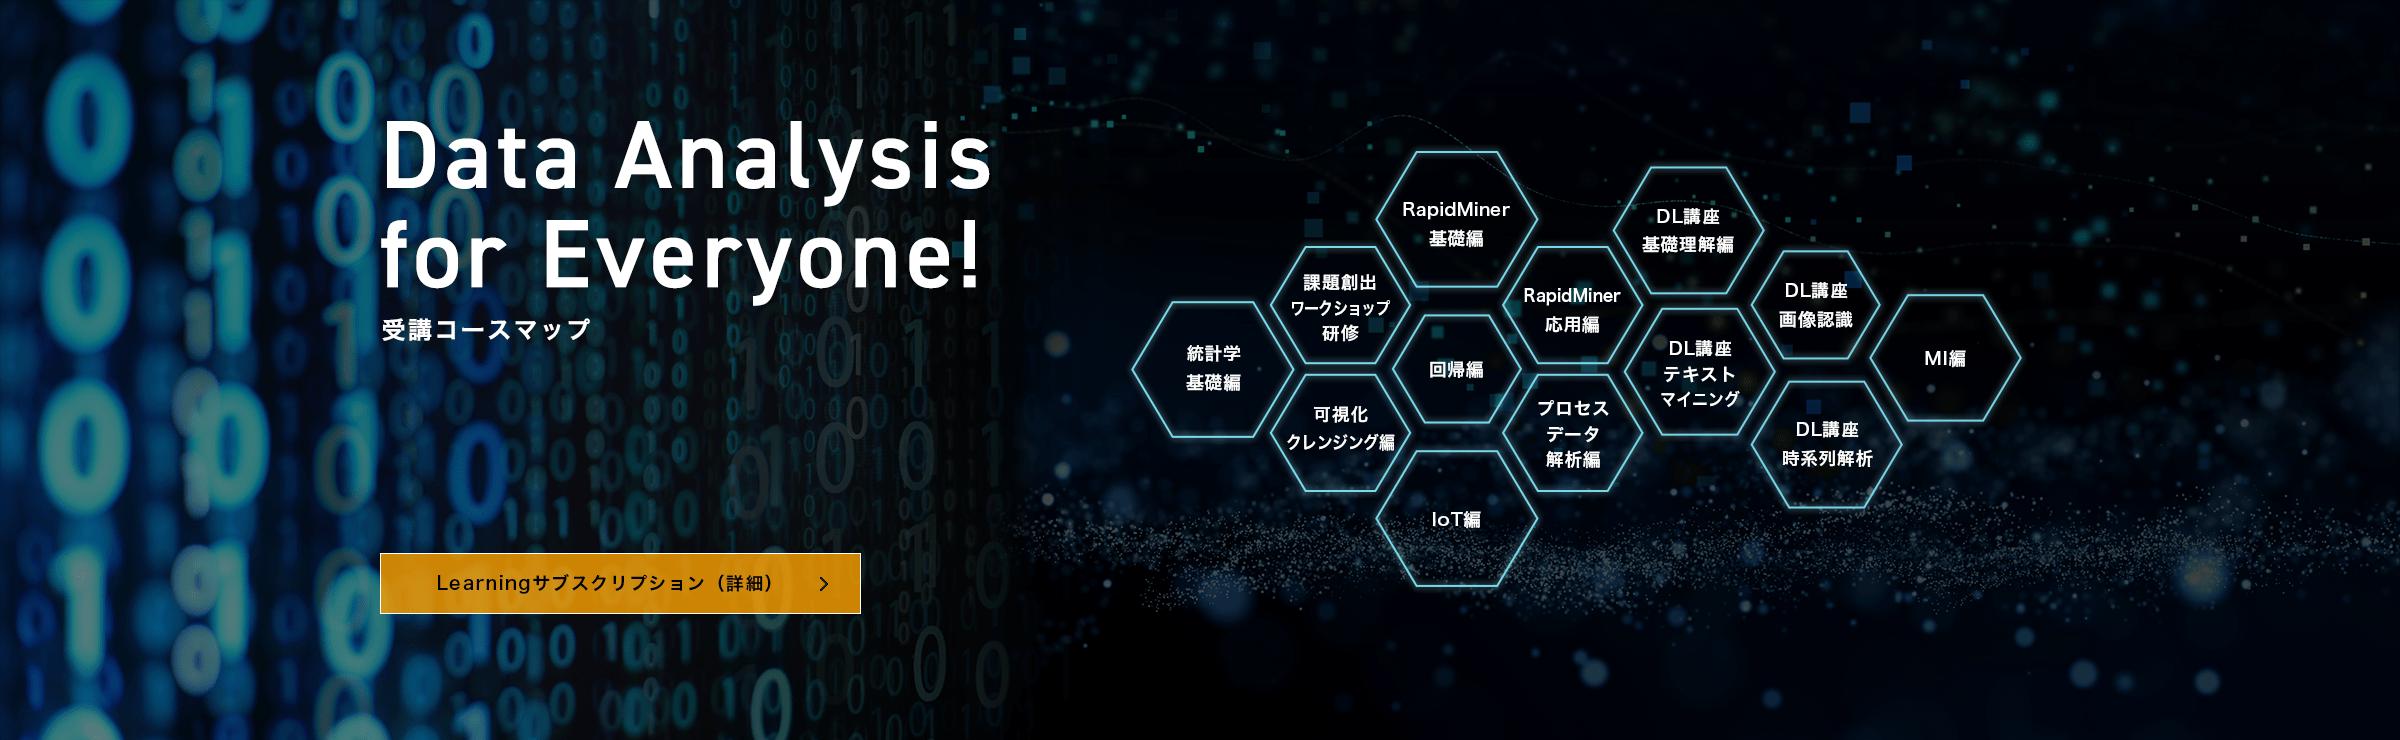 Data Analysis for Everyone 受講コースマップ 2021/10/1 ~ 11/30開催